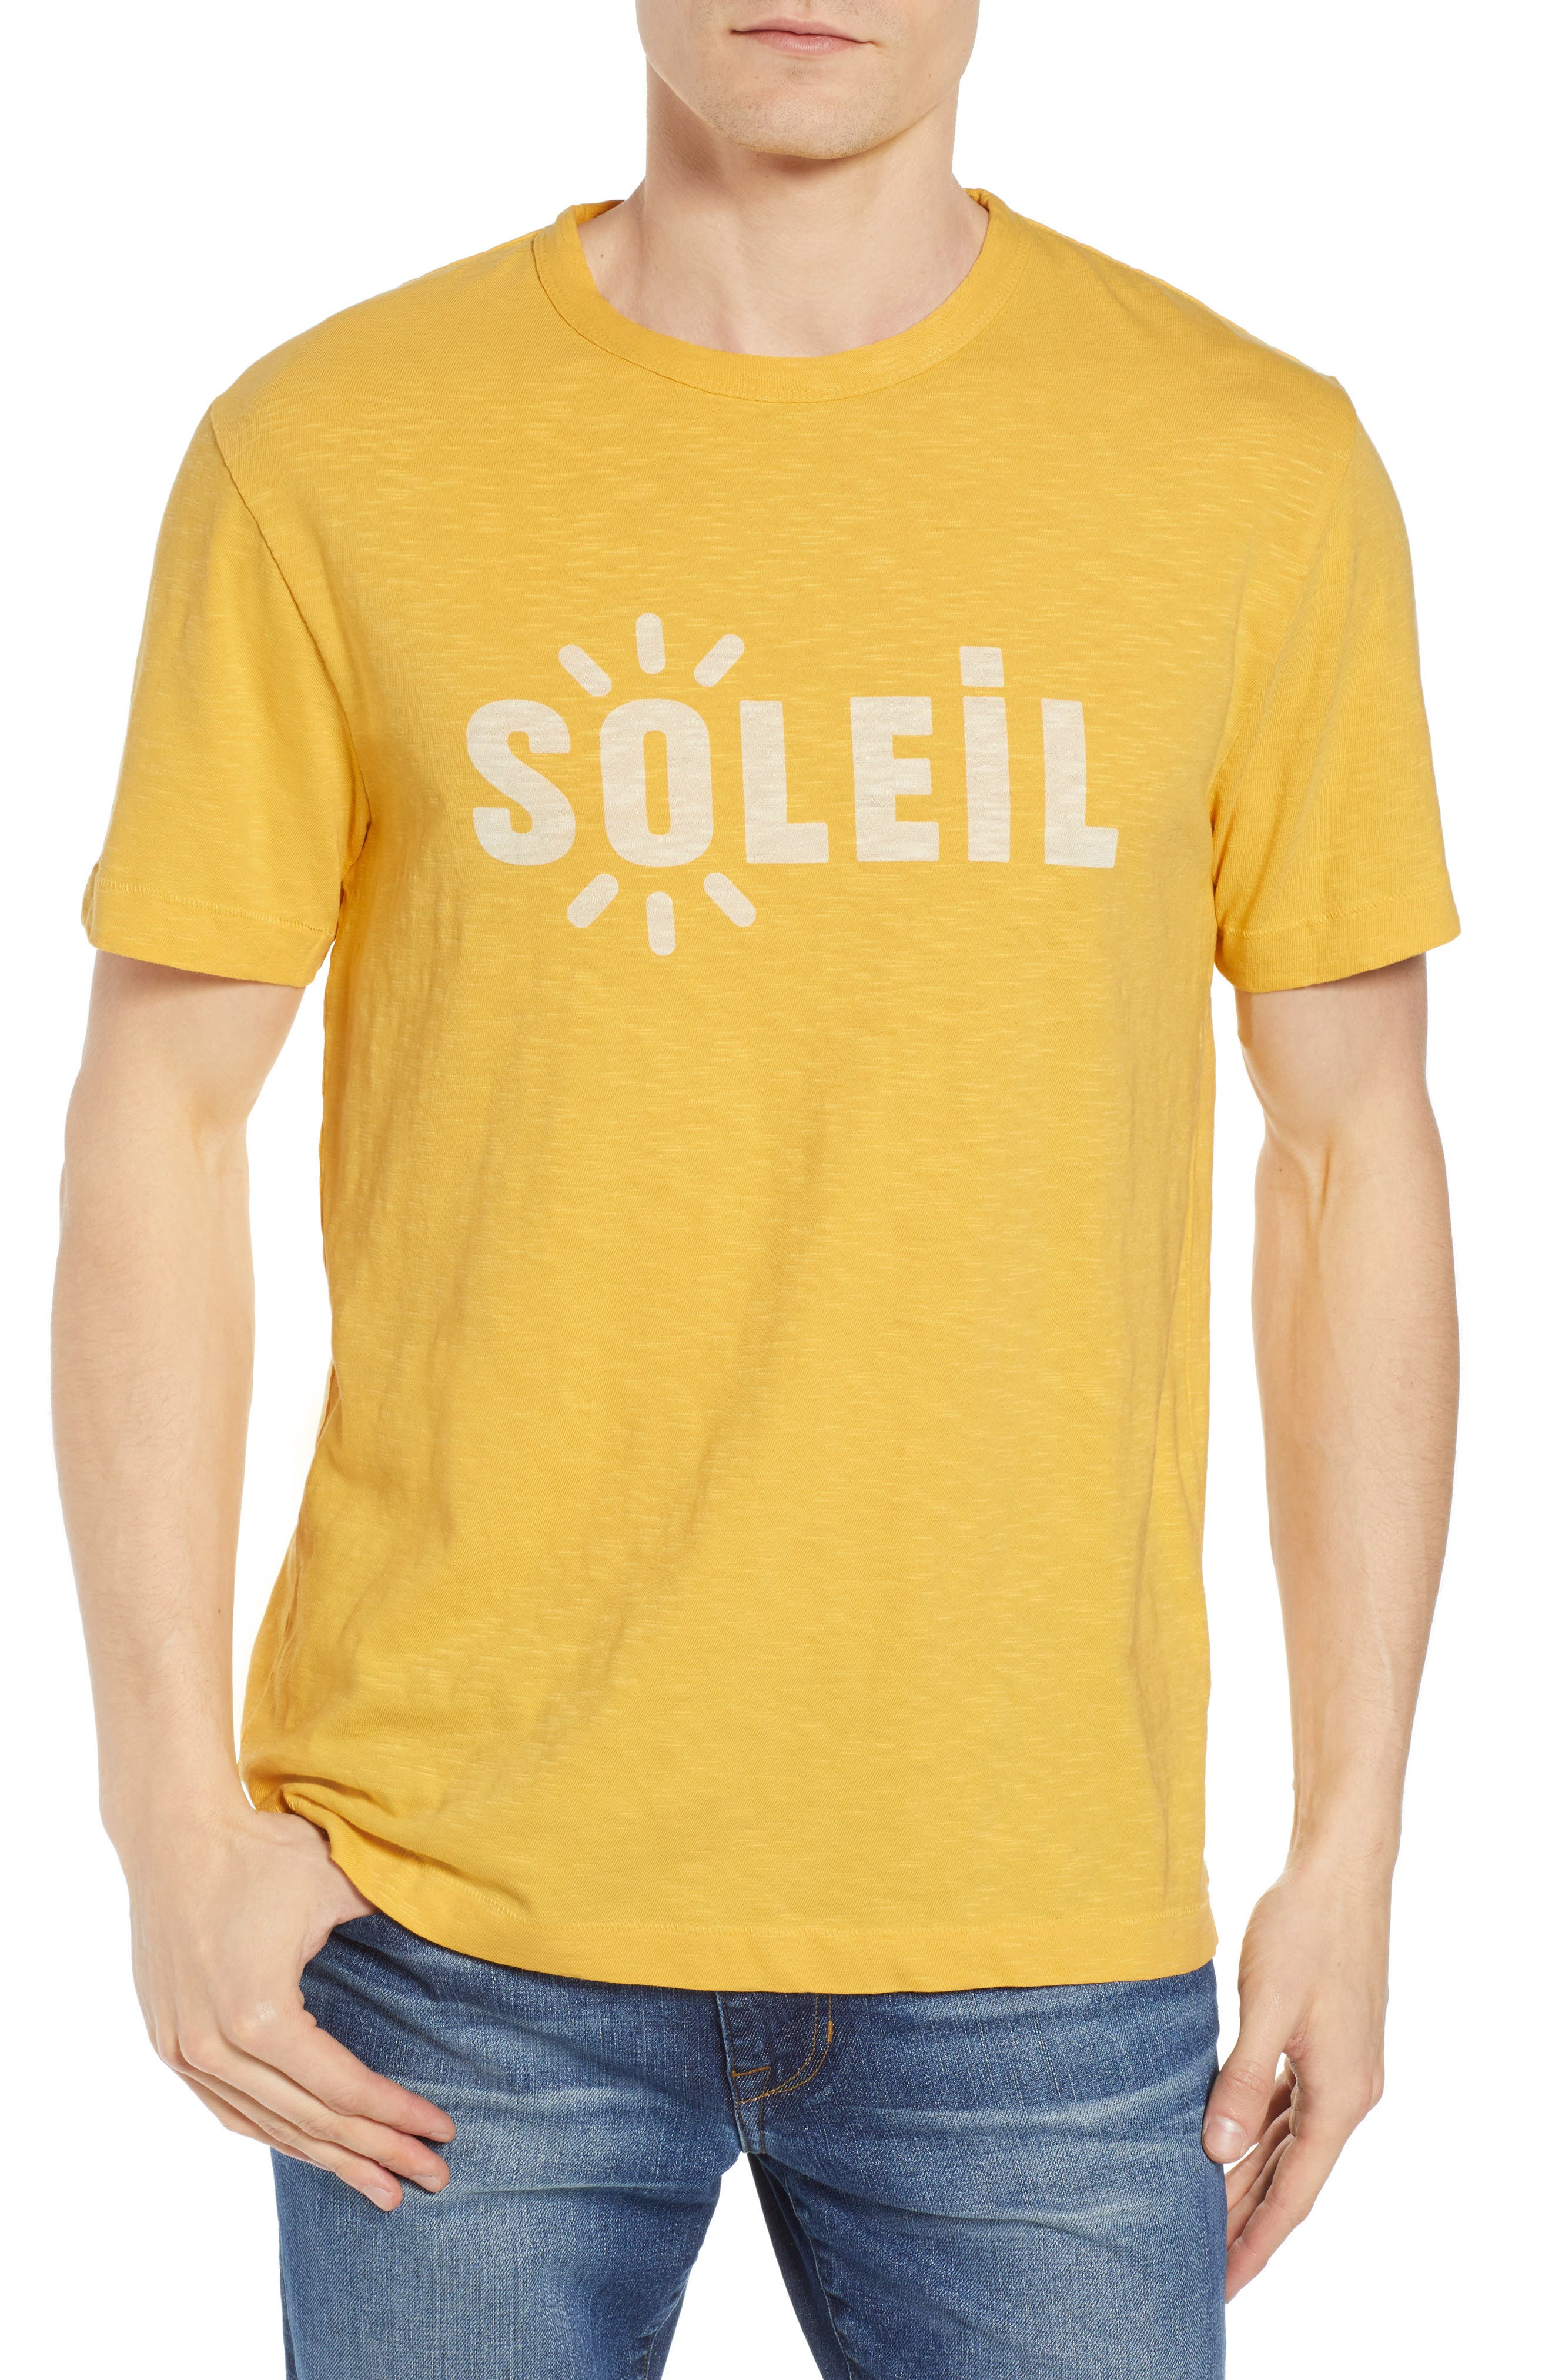 Soleil T-Shirt,                         Main,                         color, 731